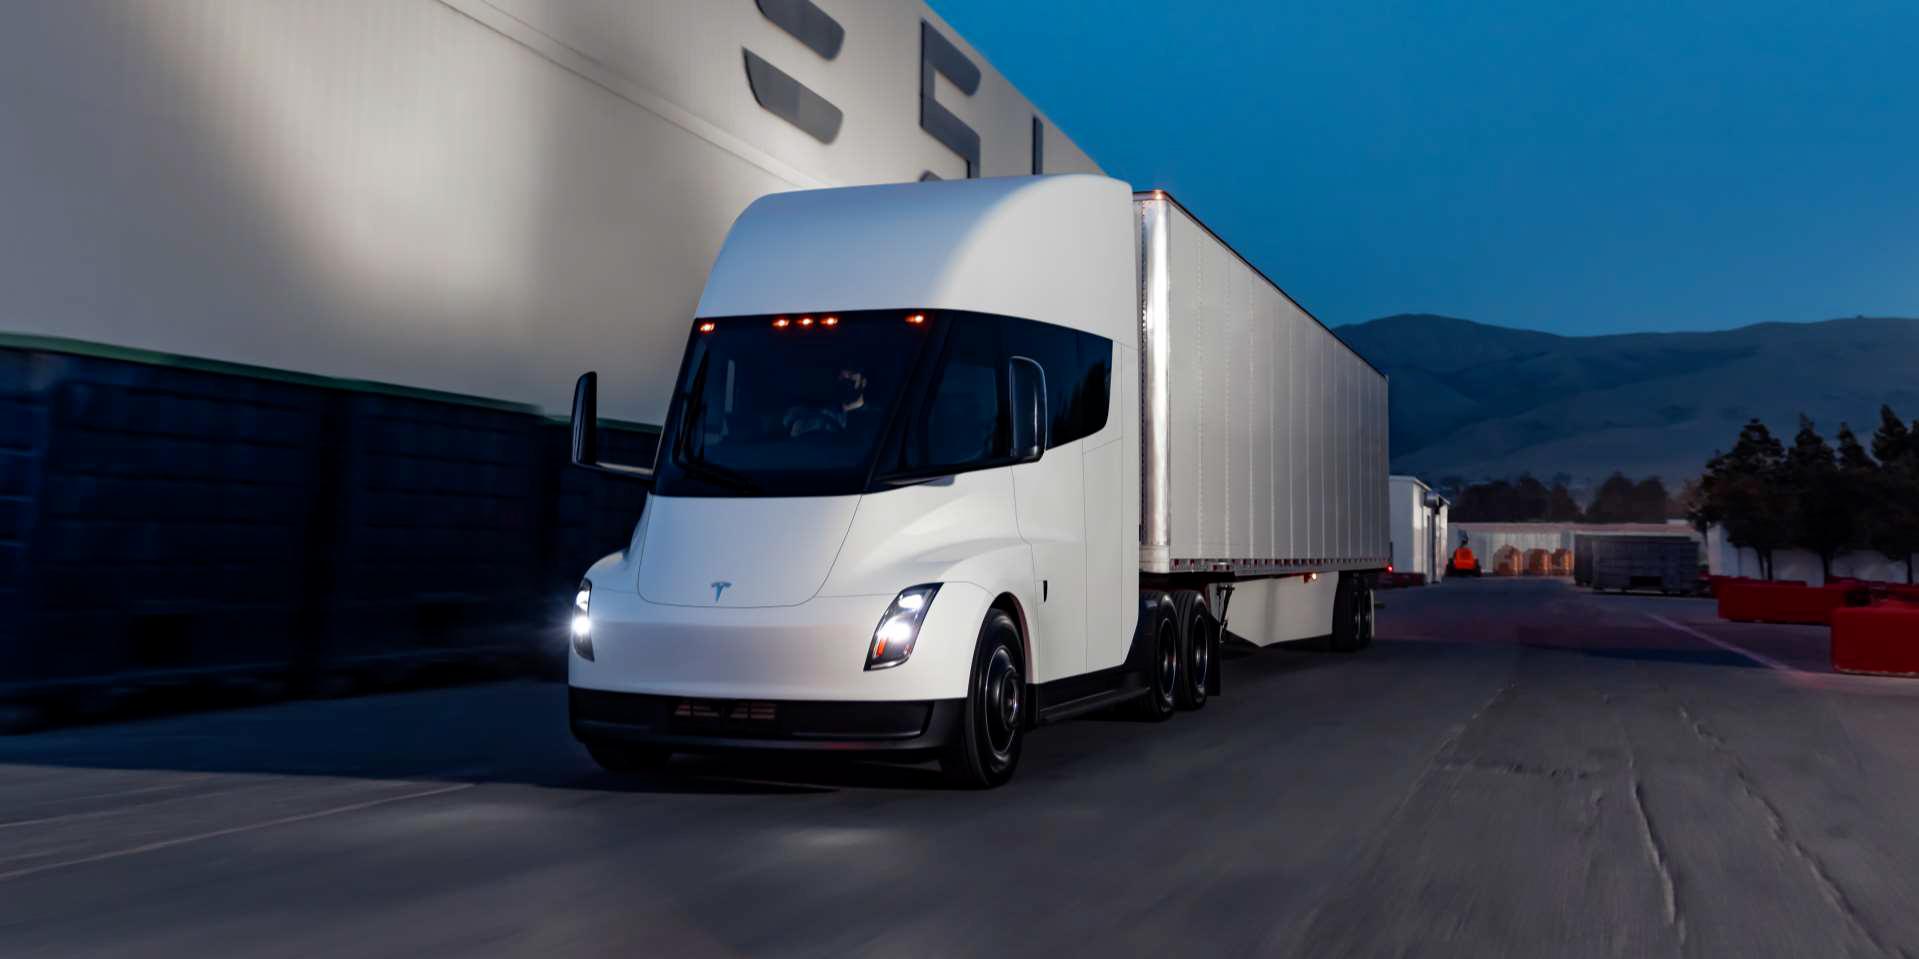 Tesla сообщает, что поставки Semi начнутся в этом году, что положит конец опасениям по поводу нехватки батареи